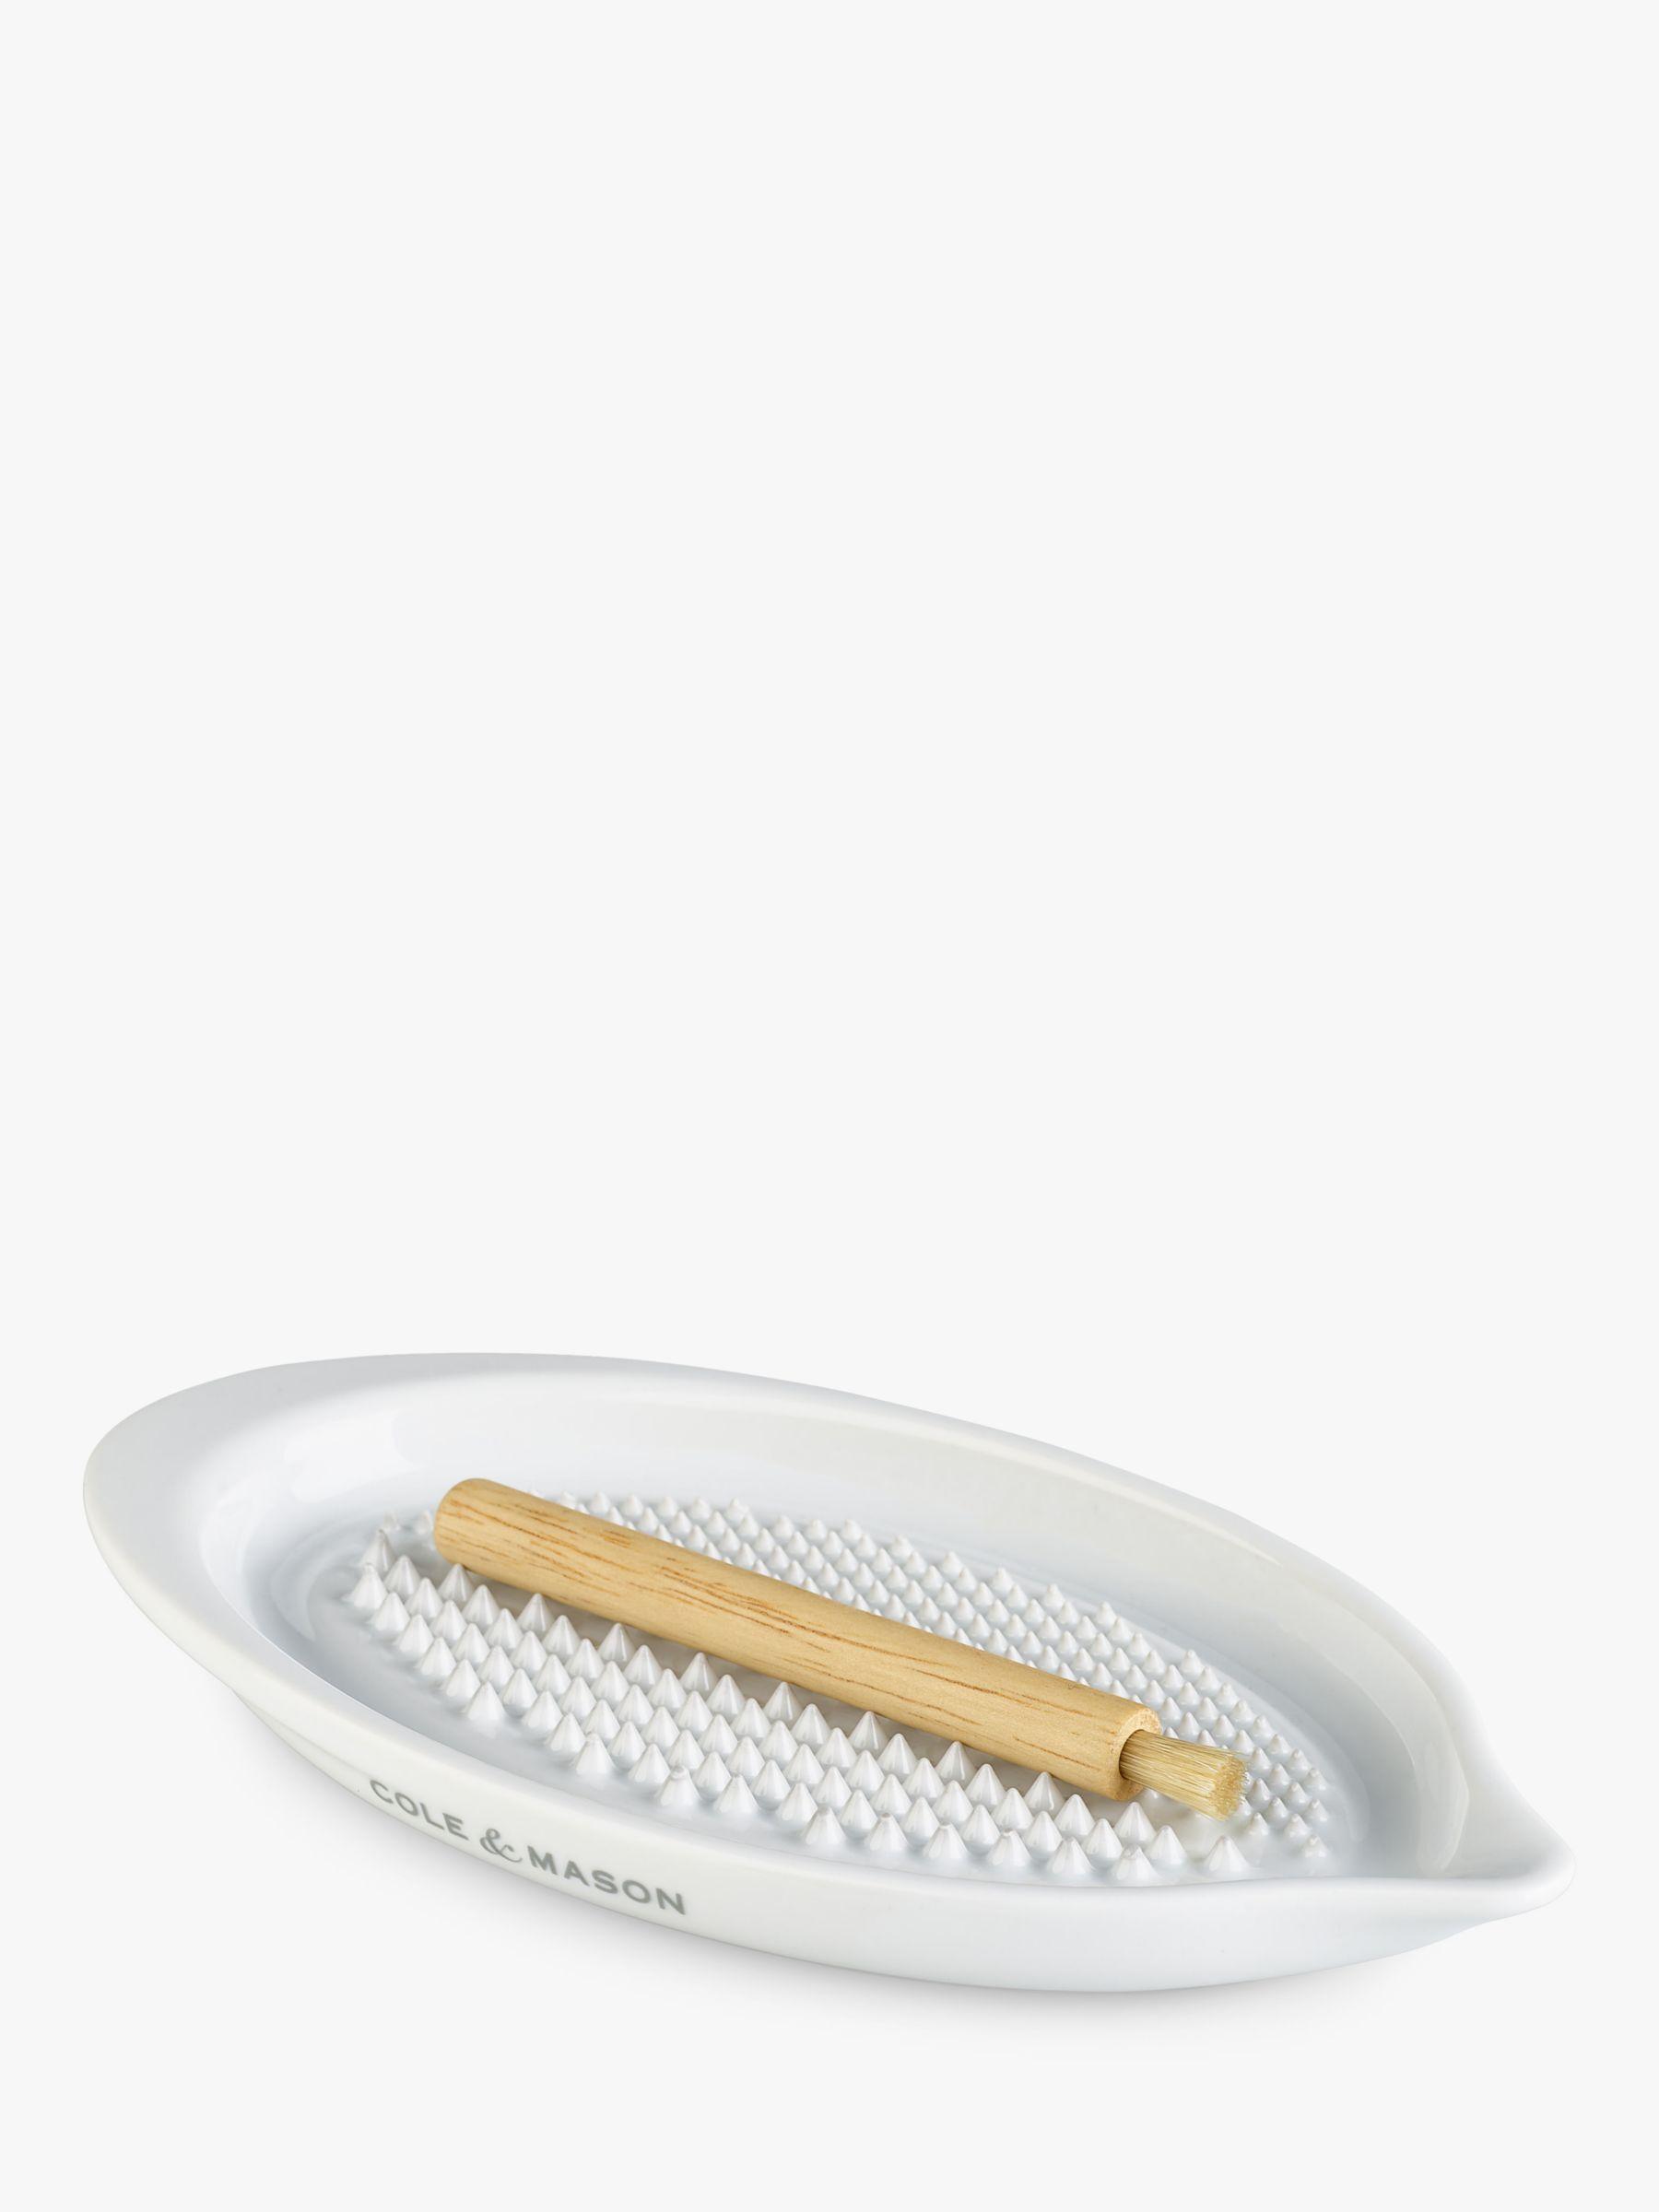 Cole & Mason Cole & Mason Ceramic Grater Plate, White